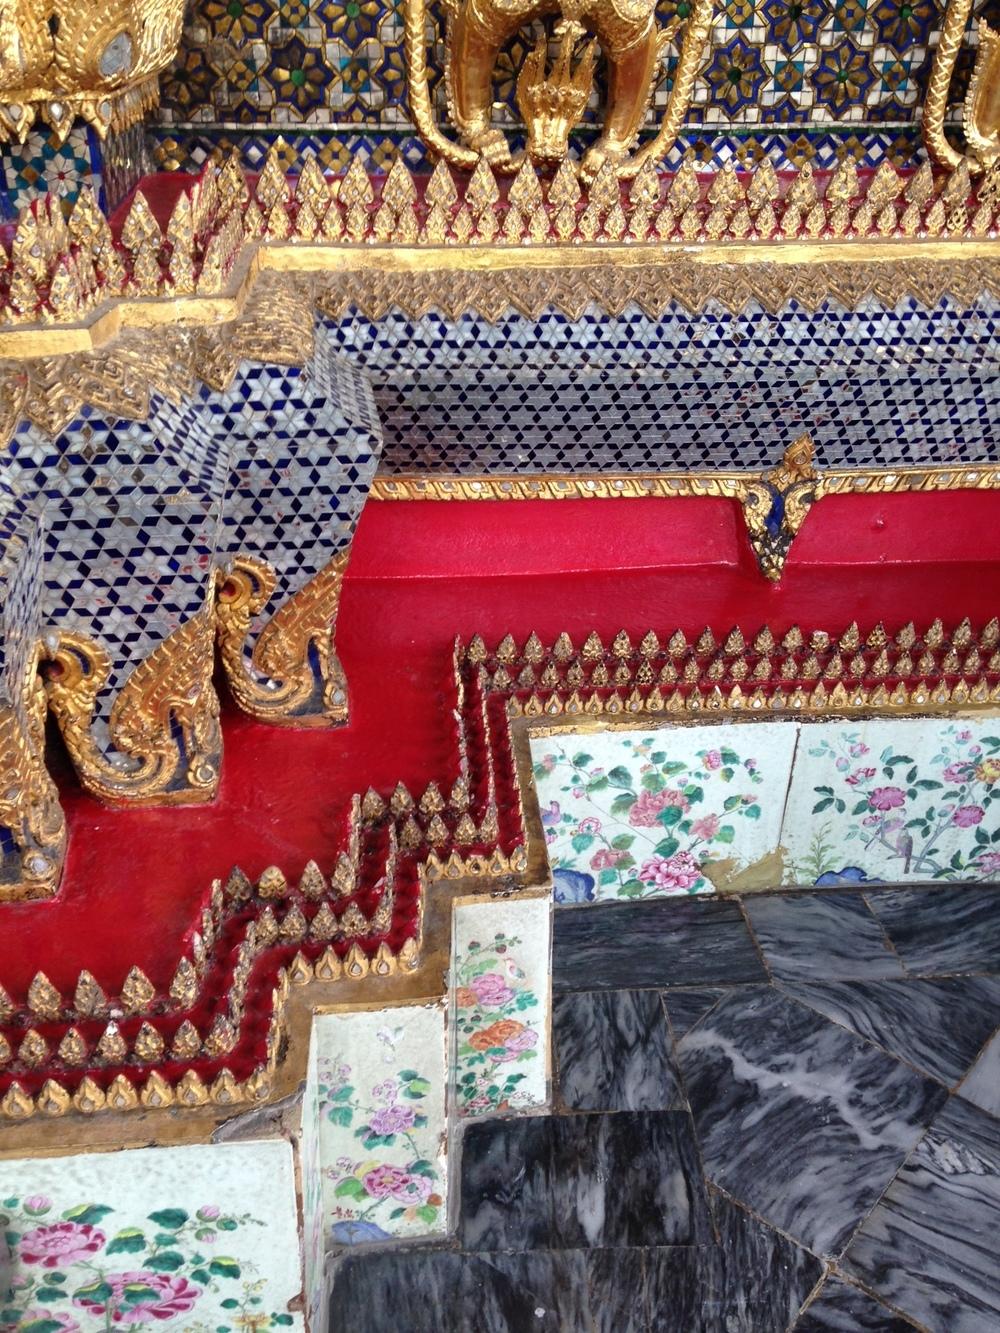 Detail of Edges at Grand Palace, Bangkok, Thailand